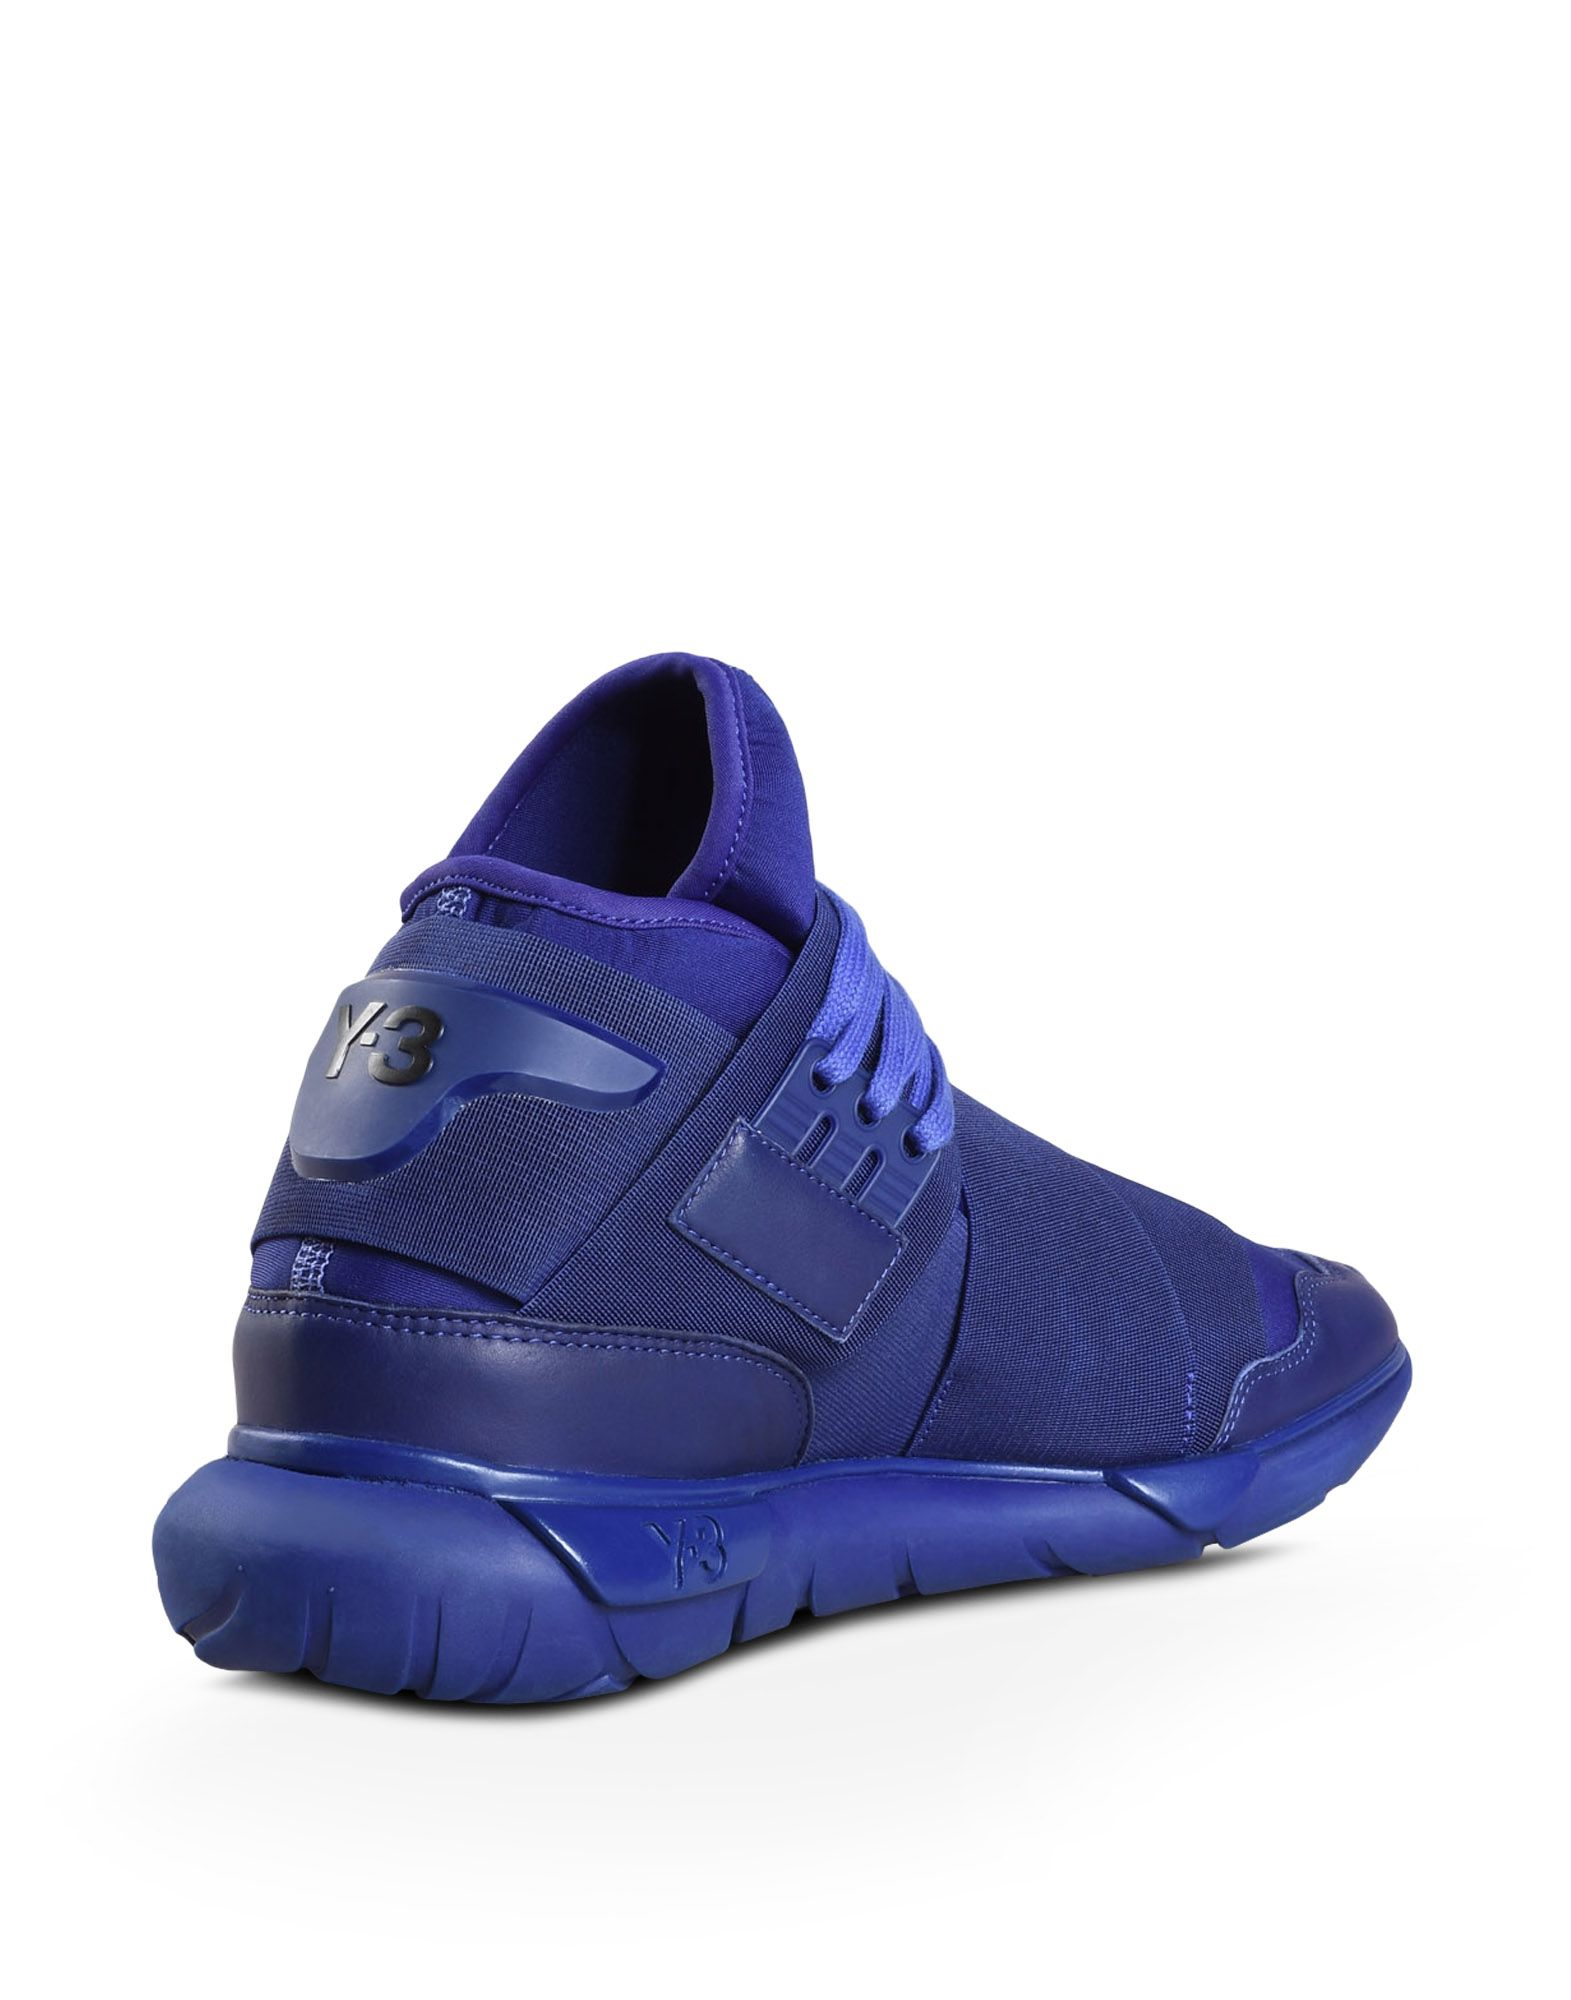 adidas y3 qasa high blue 54460f1a0aebc